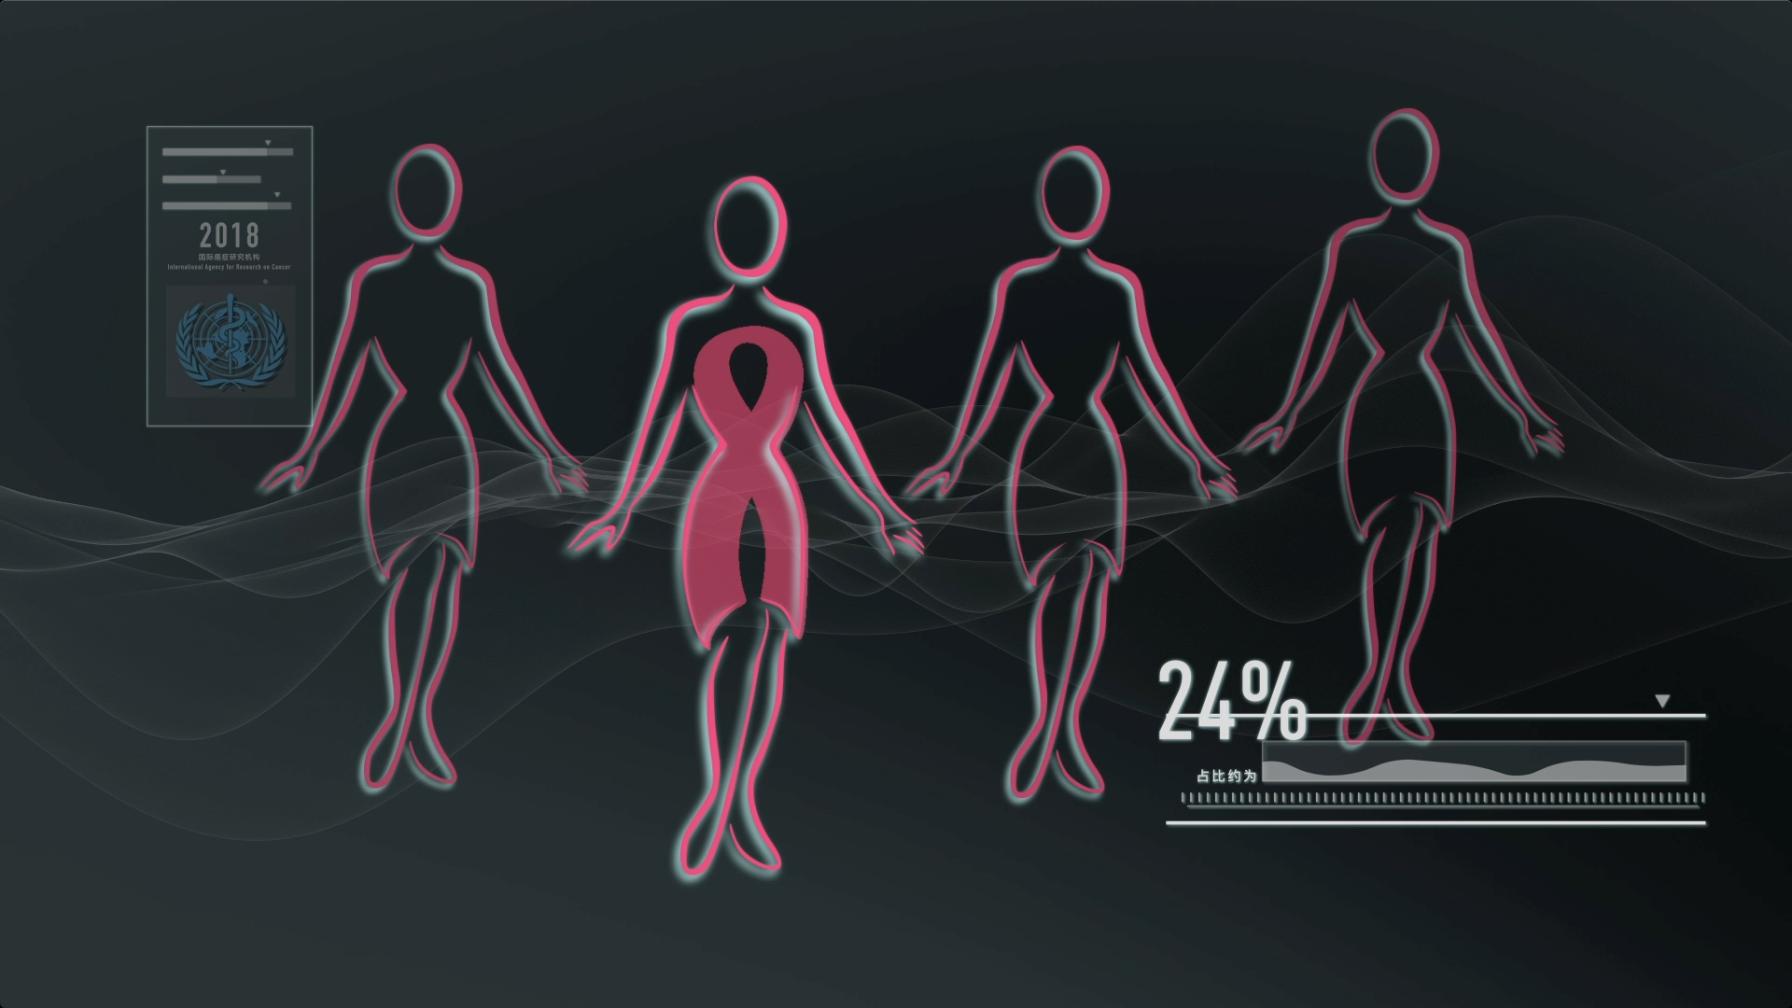 每4个女性癌症患者中,就有1个是乳腺癌,位居女性癌症首位